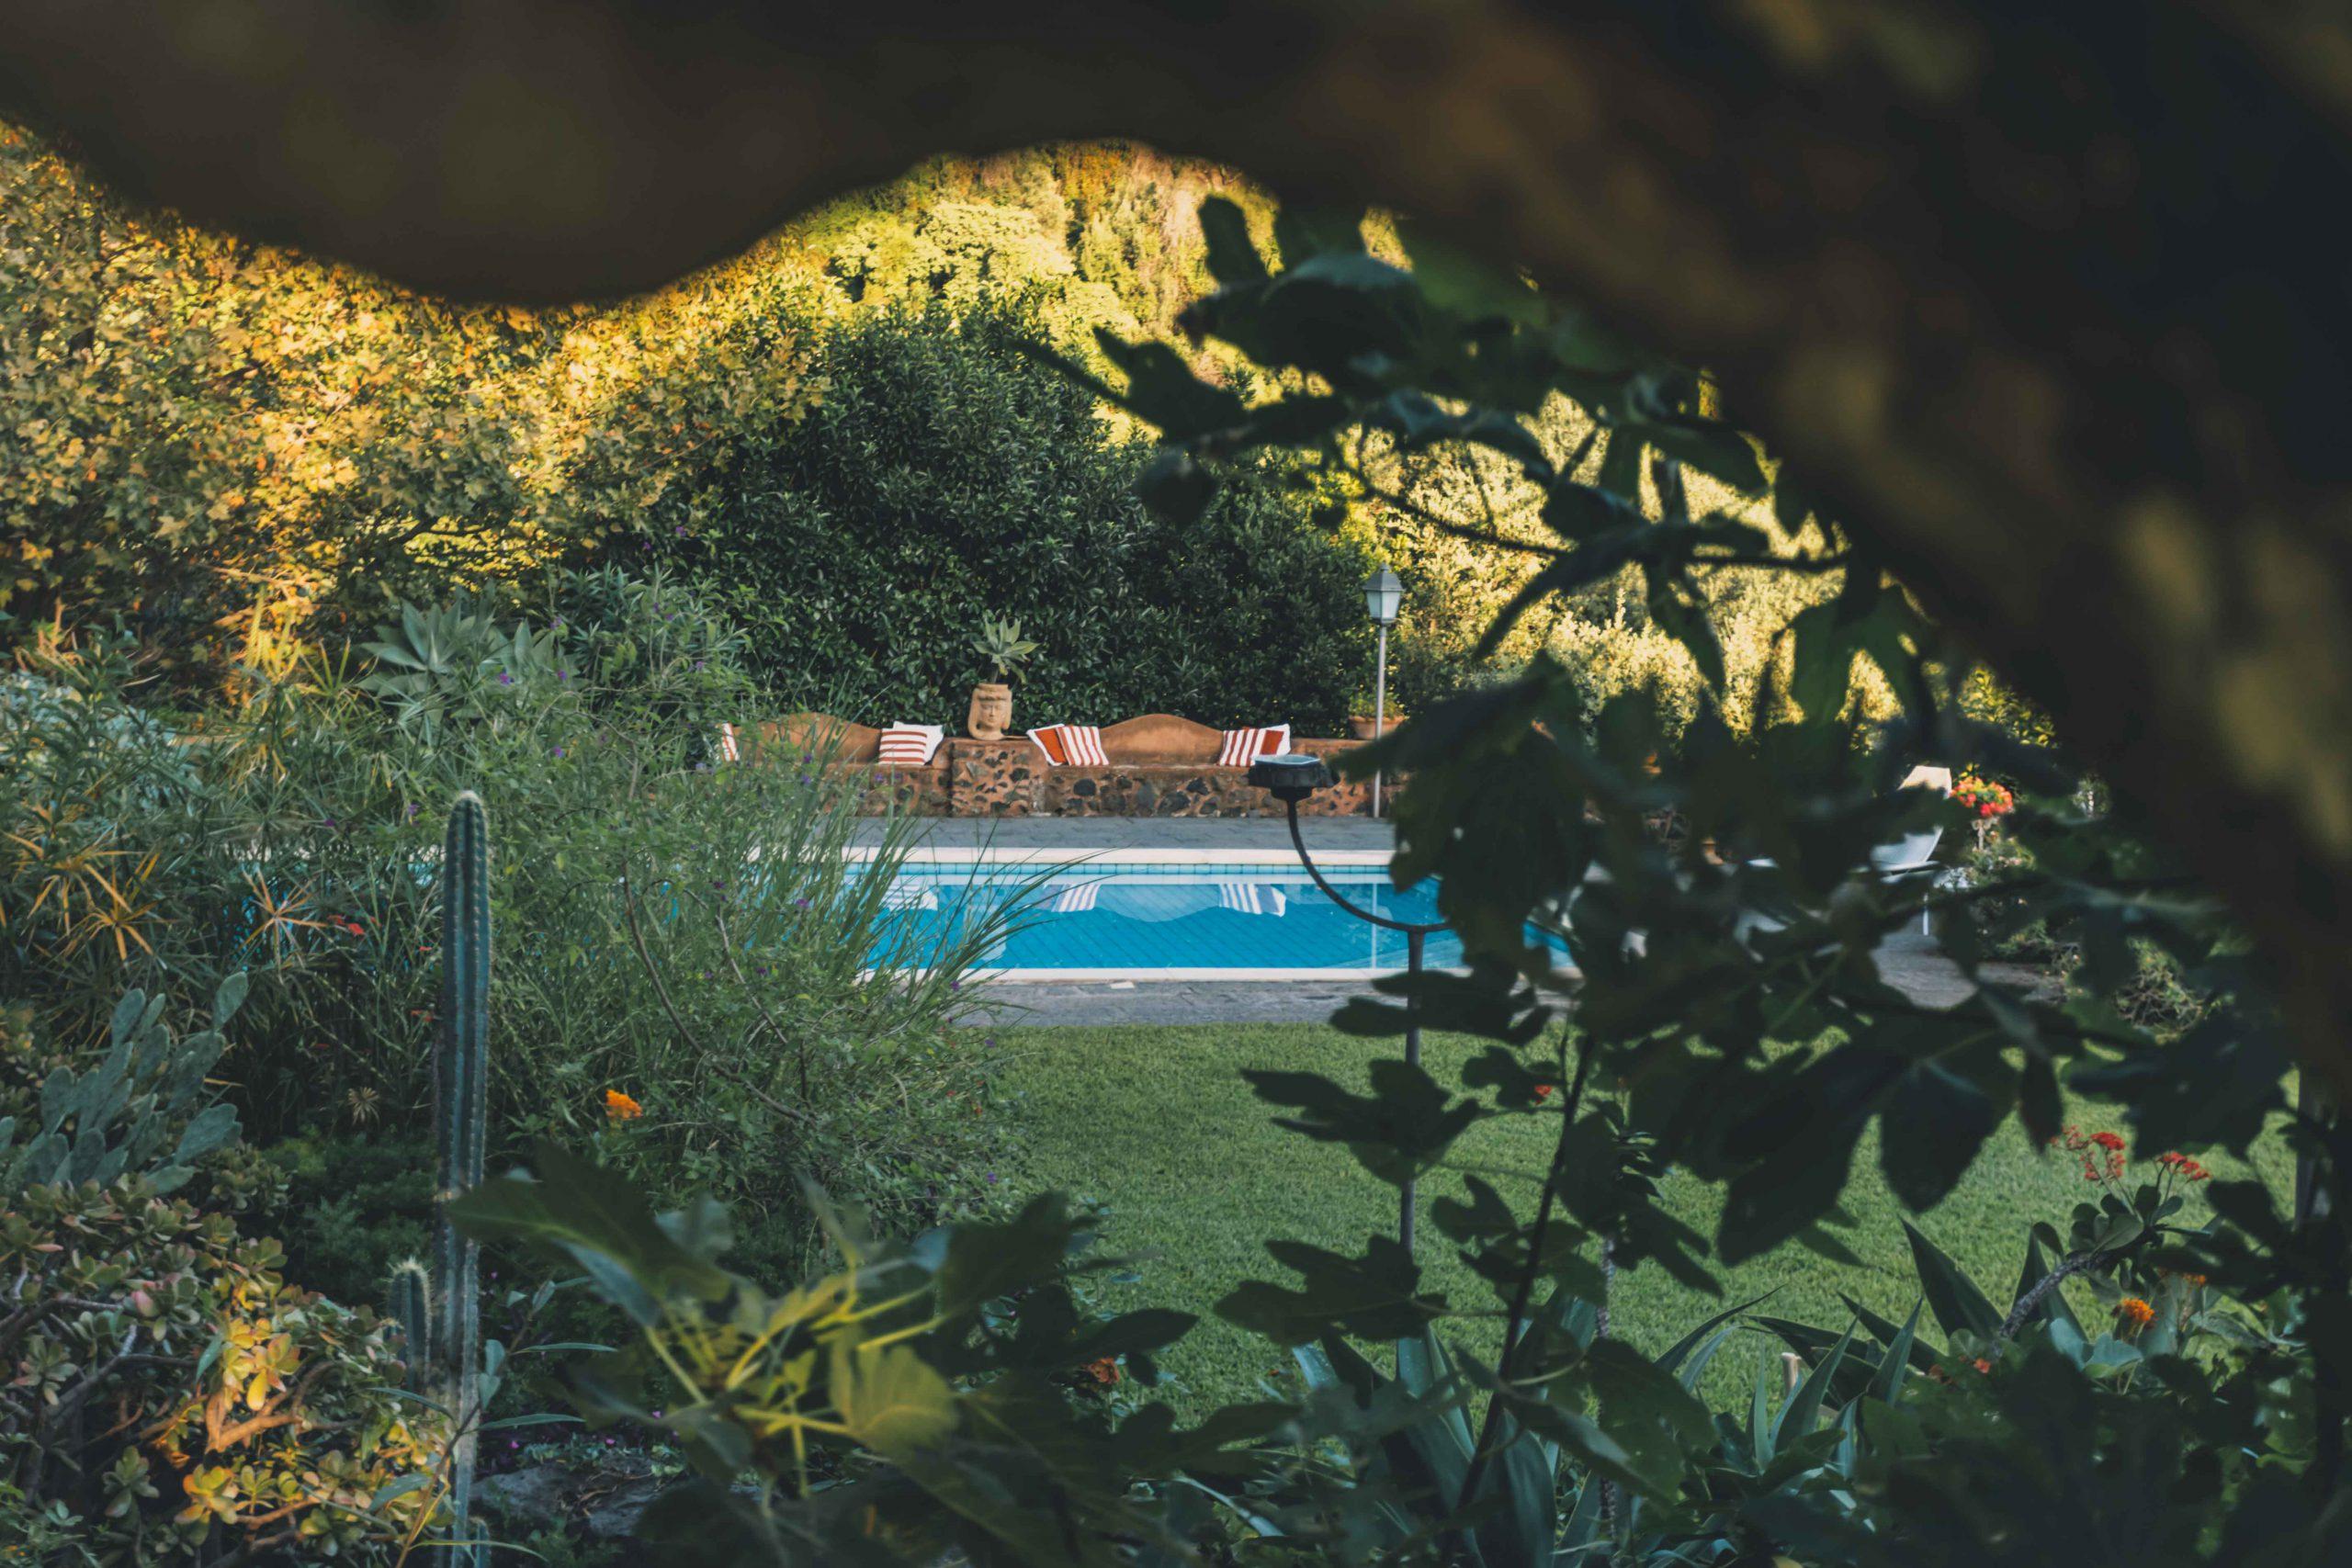 Che voglia di Primavera! Sembra ancora così lontana, ma arriverà presto. Intanto, sbirciamo tra le fronde degli alberi di Villa Musmeci e lasciamoci alle spalle i brutti pensieri: a bordo piscina tutto è più semplice e bello.